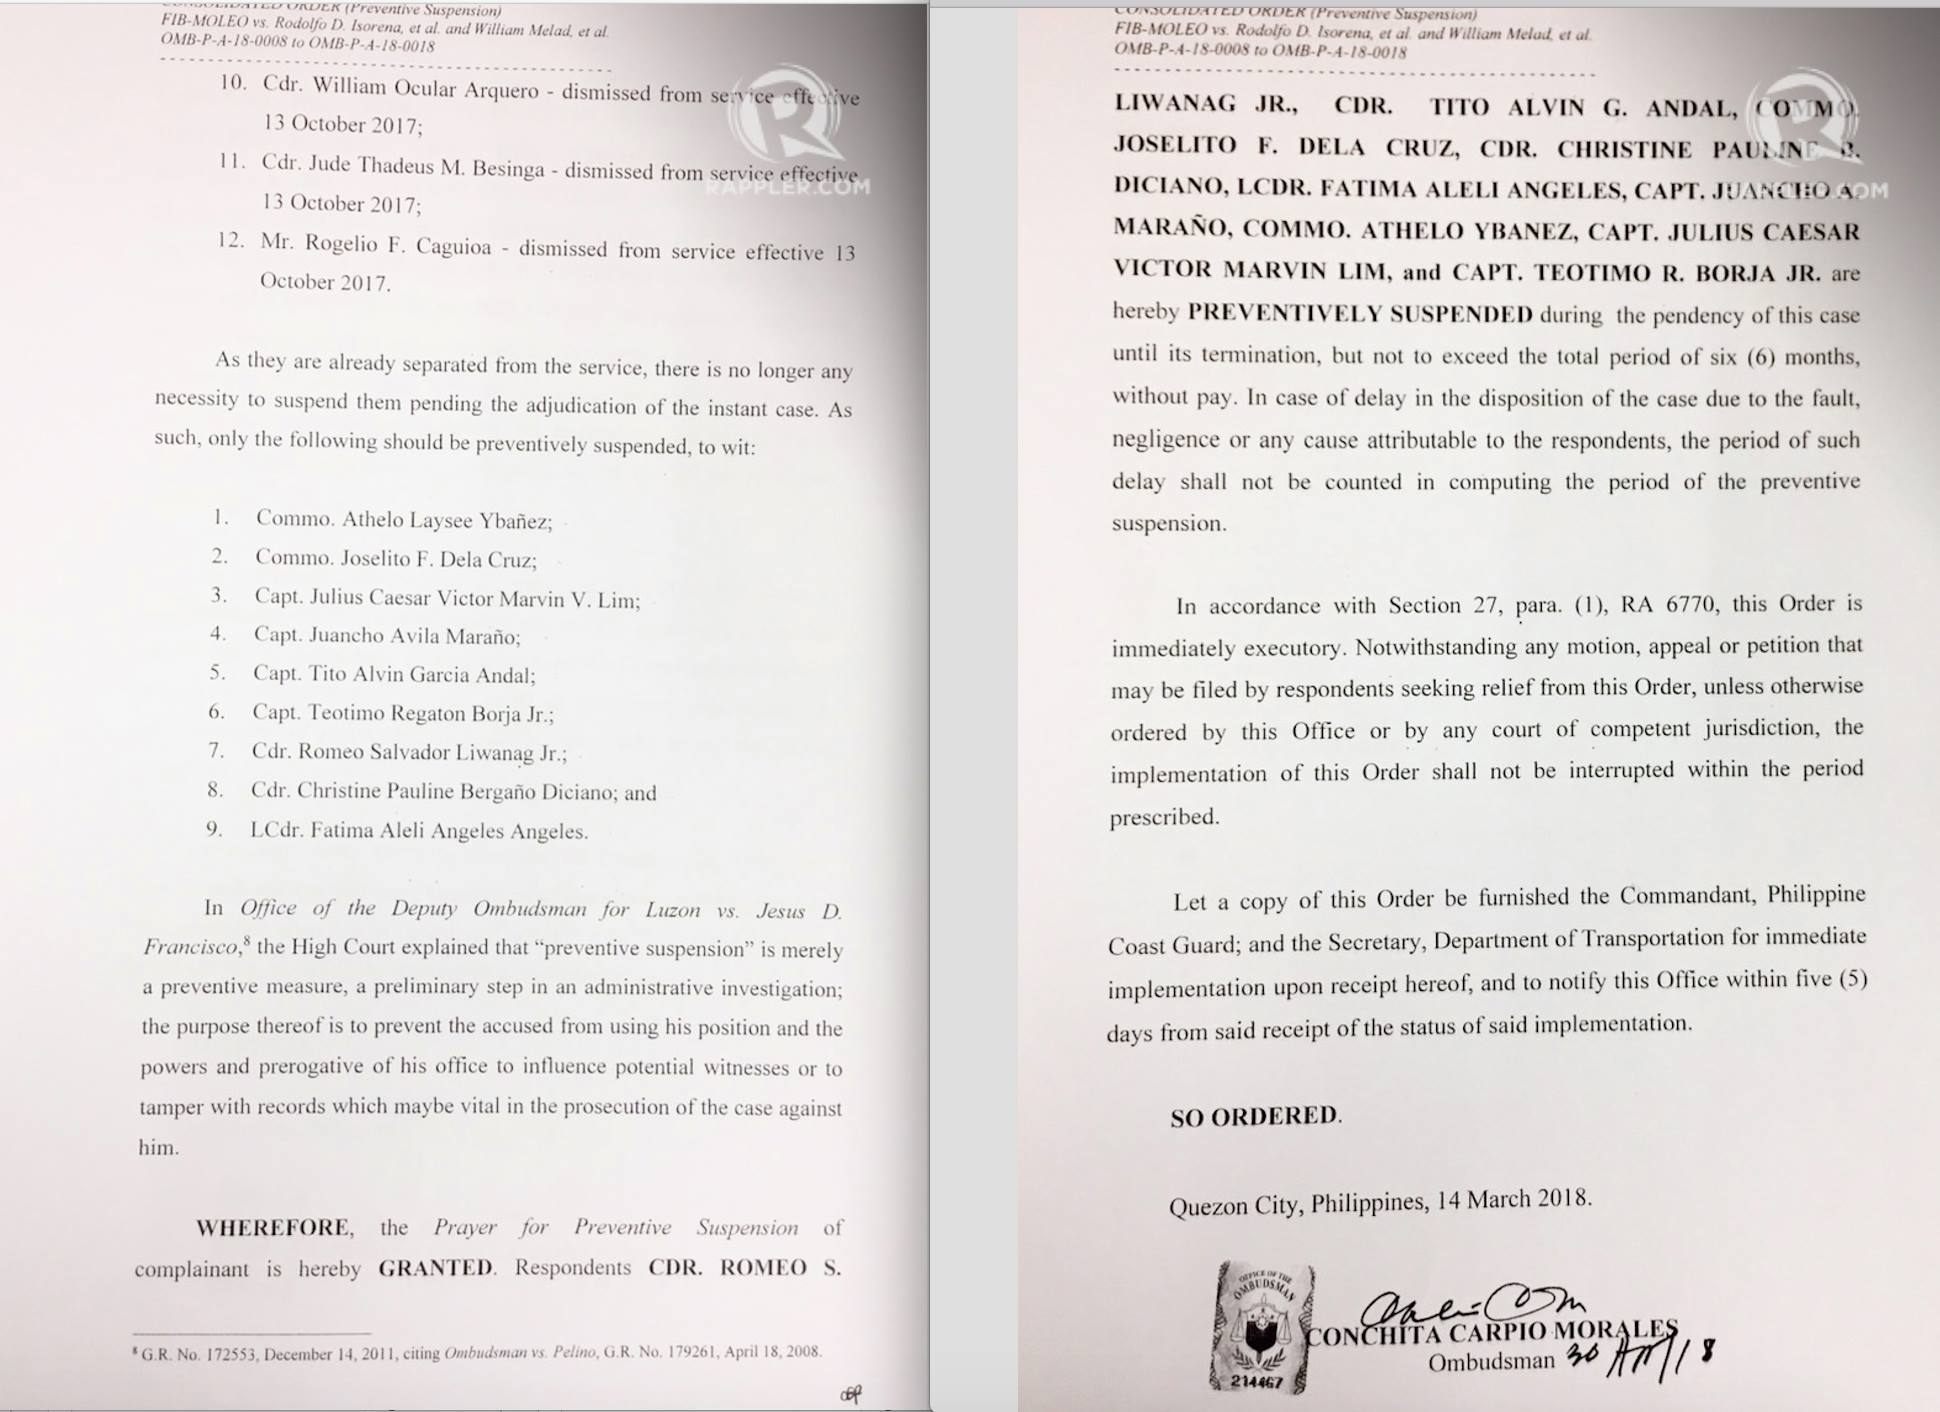 PREVENTIVE SUSPENSION. Ombudsman Conchita Carpio Morales metes out a preventive suspension against 9 Philippine Coast Guard officials.